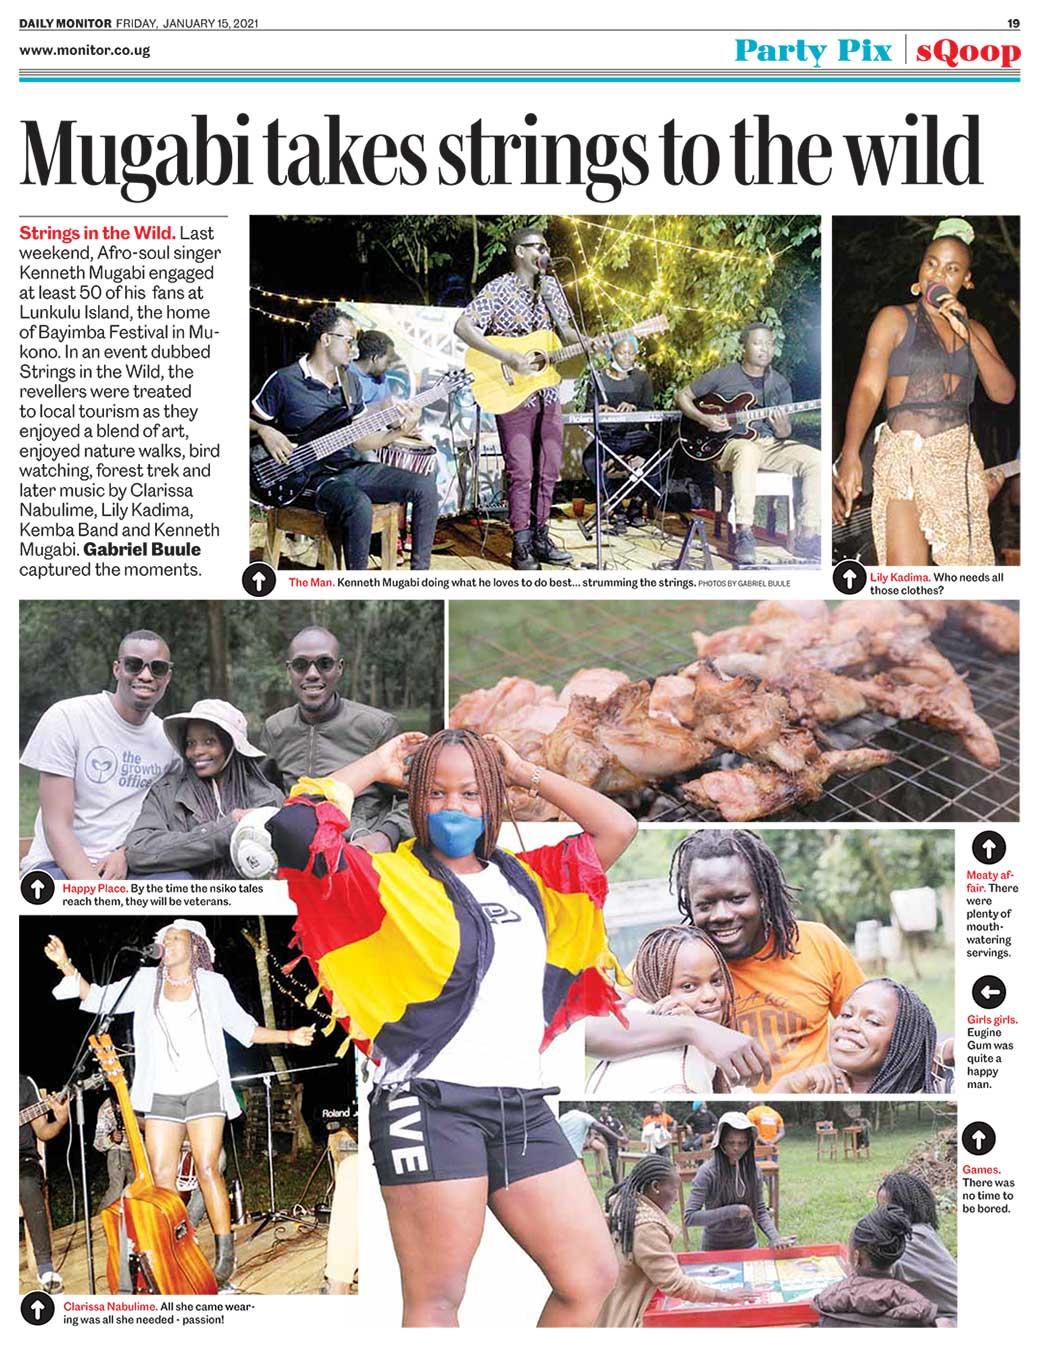 Mugabi takes strings to the wild